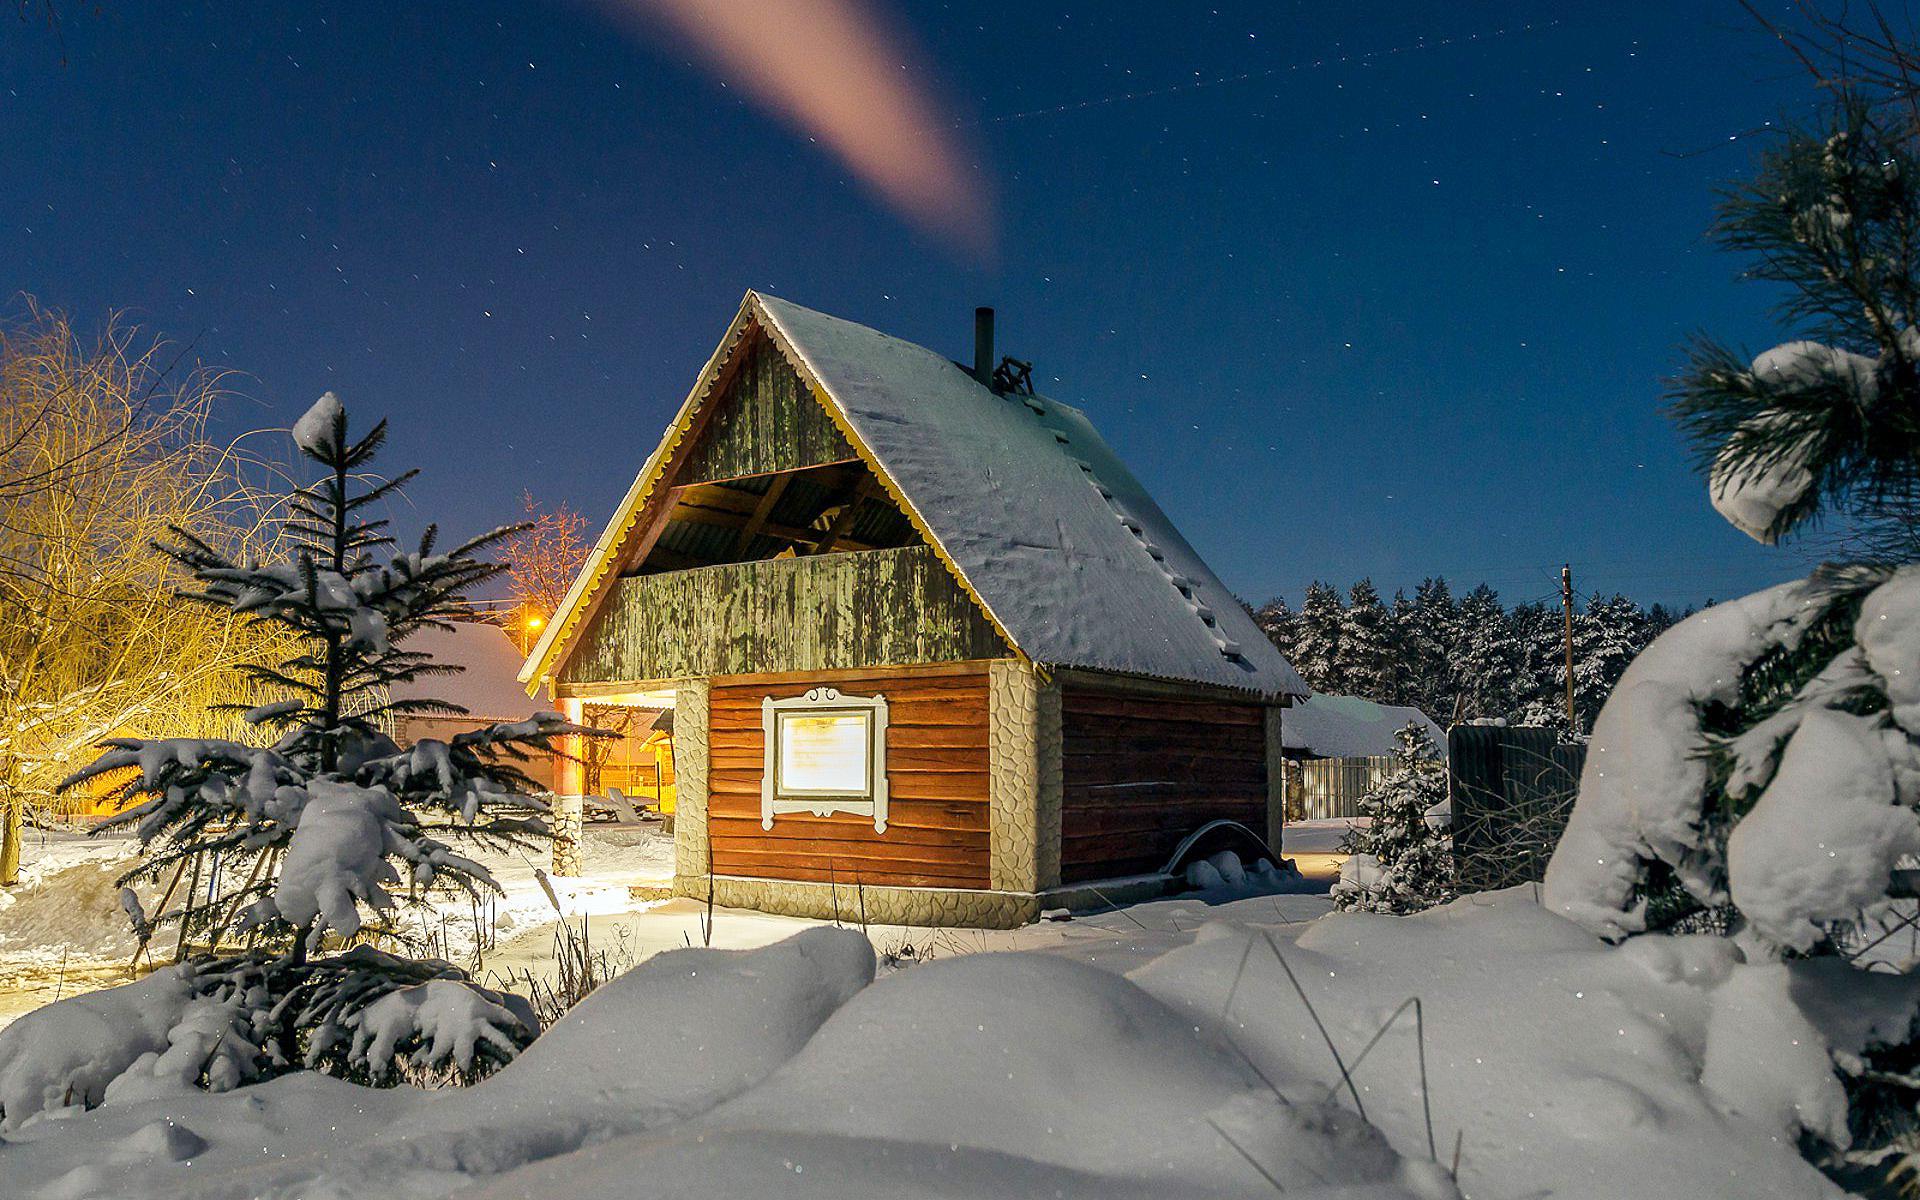 природа, зима, домик, снег, hd обои